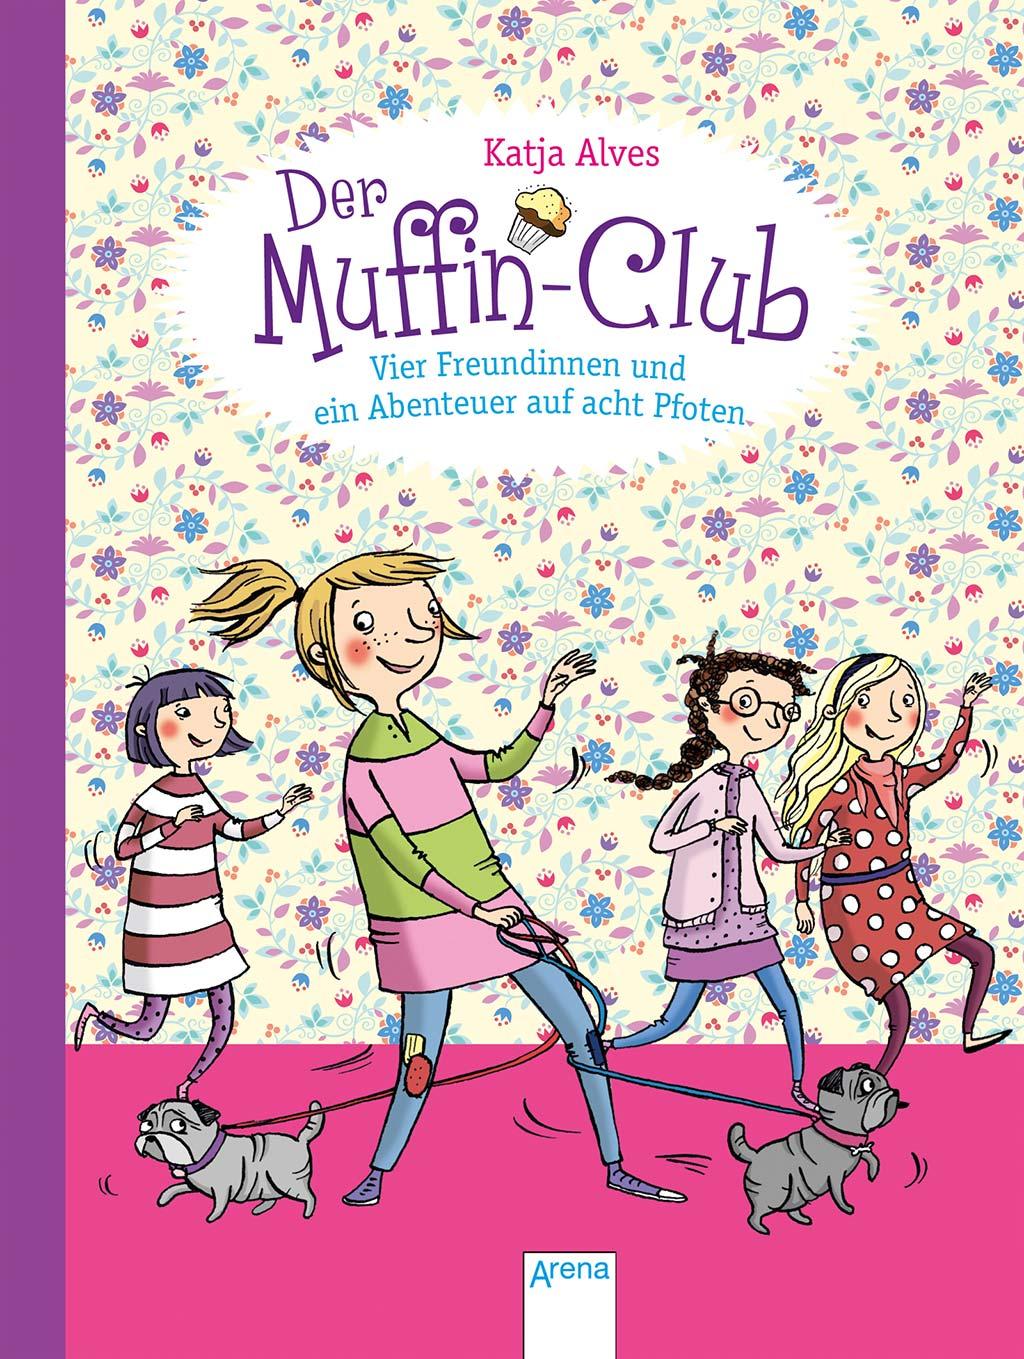 katja alves, der muffin-club